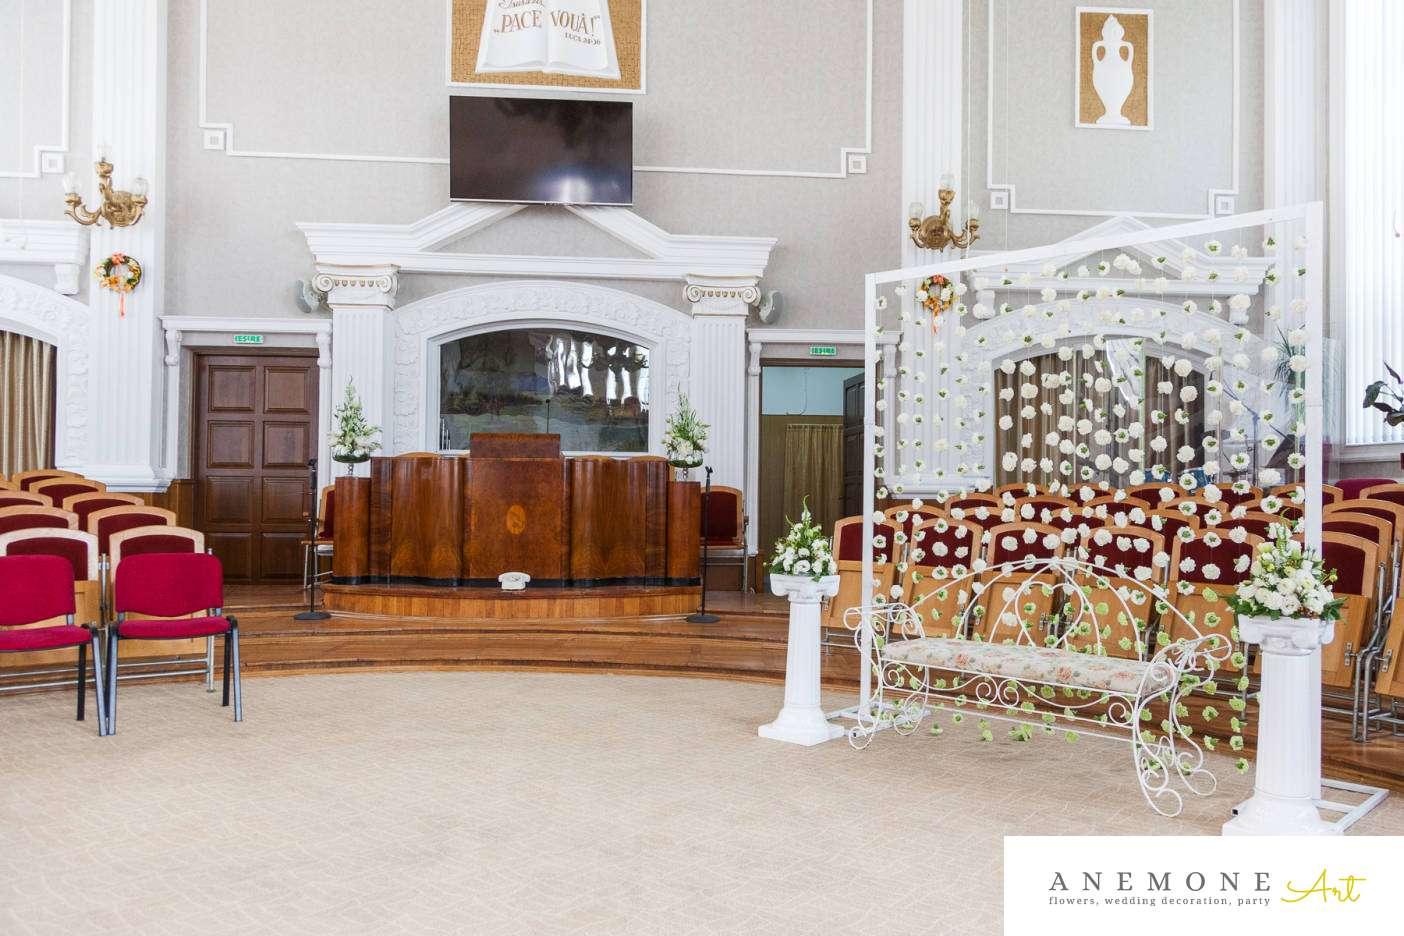 Poza, foto cu Flori de nunta banca, biserica speranta, decor biserica, perdea flori in Arad, Timisoara, Oradea (wedding flowers, bouquets) nunta Arad, Timisoara, Oradea